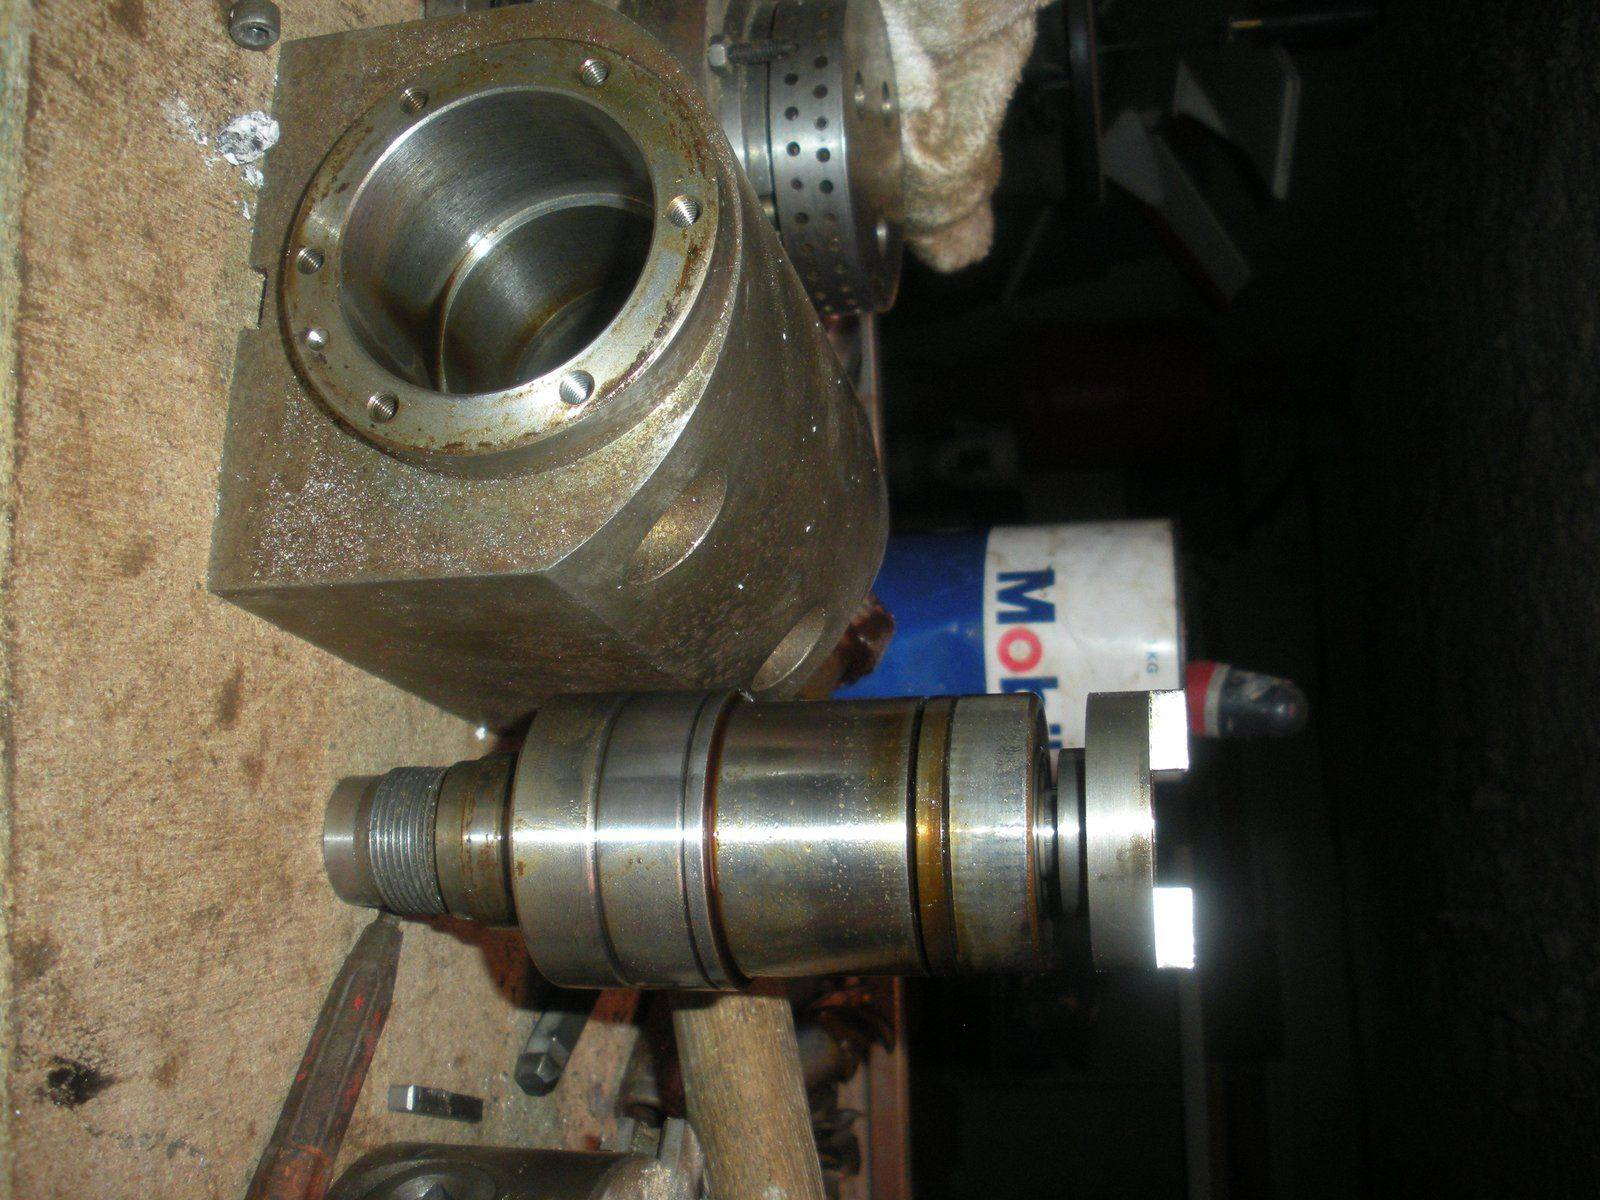 DSCN3149.JPG